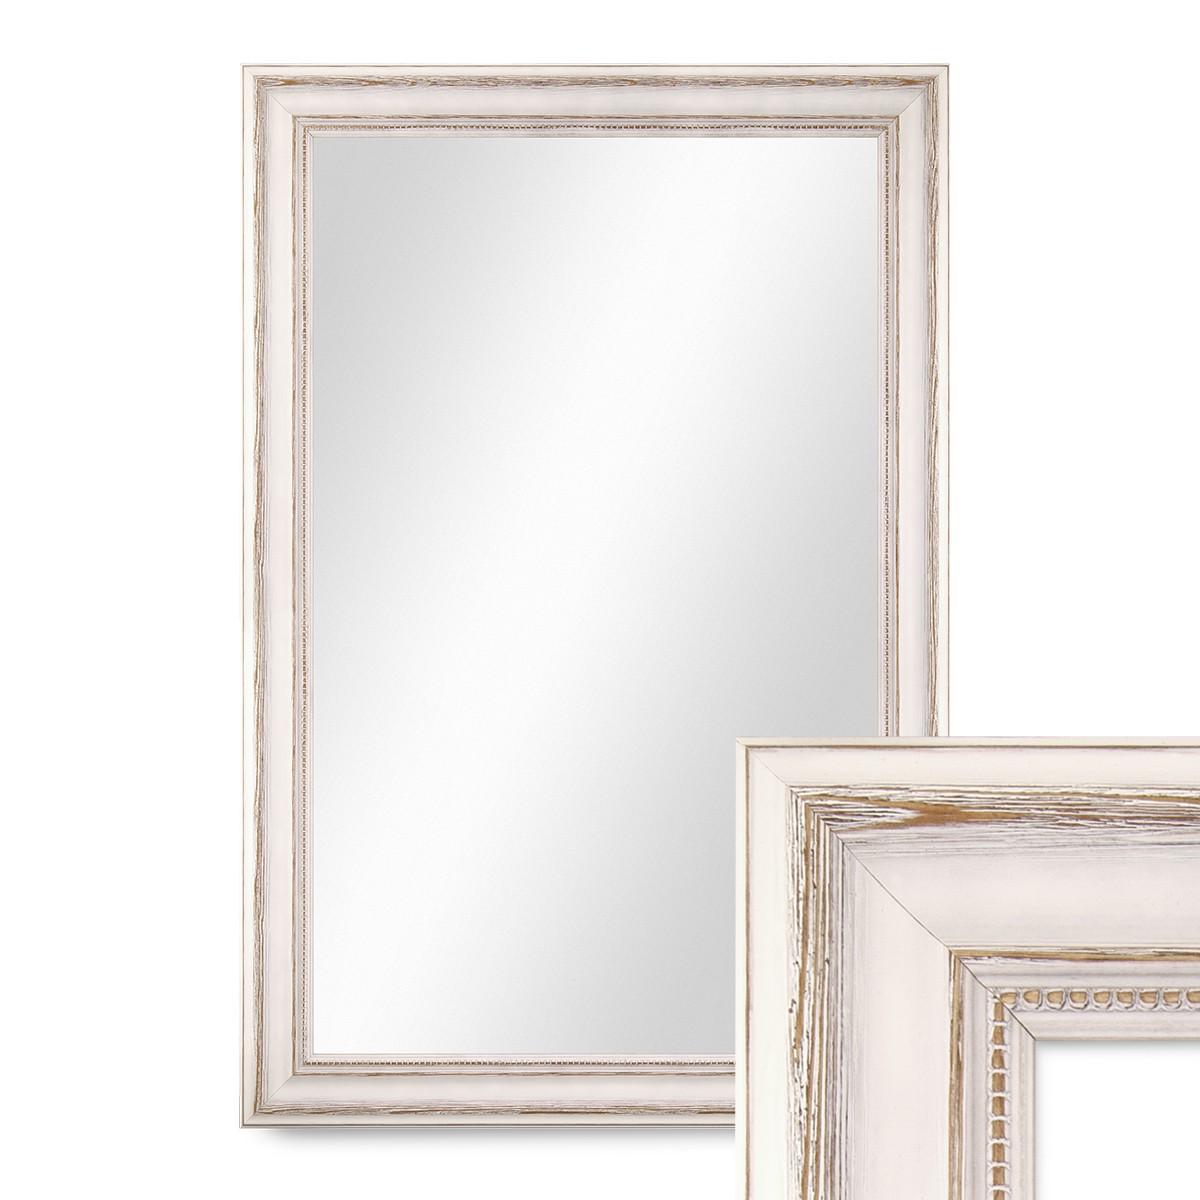 wand spiegel 50x60 cm im massivholz rahmen landhaus stil weiss spiegelfl che 40x50 cm spiegel. Black Bedroom Furniture Sets. Home Design Ideas